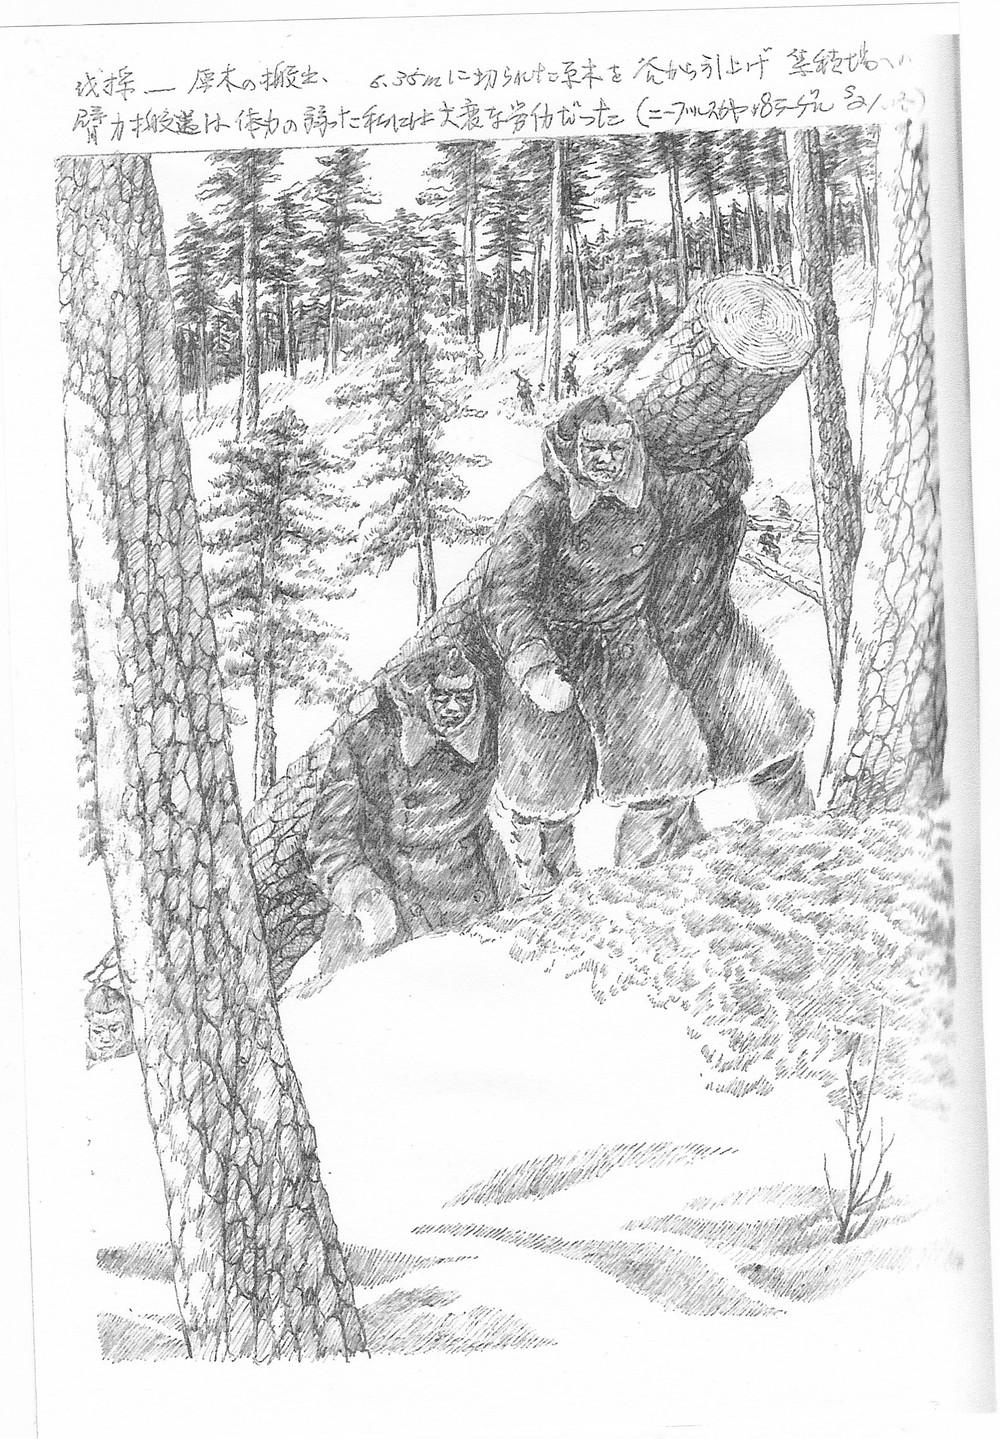 雪に足をとられながら原木を運び出す(山下静夫画文集『シベリア抑留1450日』デジプロより引用)